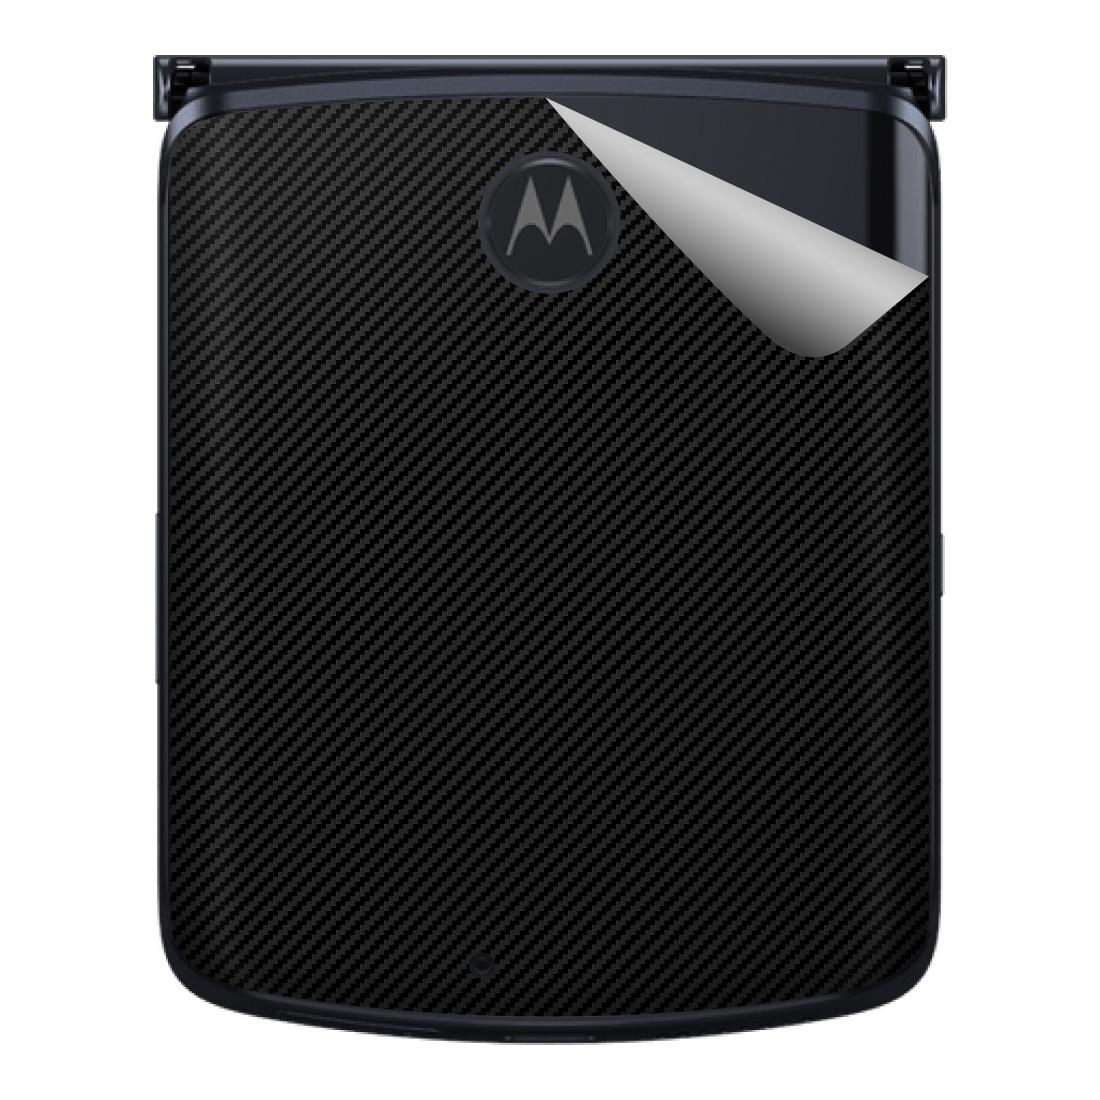 機器をおしゃれに演出するスキンシール スキンシール Motorola razr 各種 smtb-kd 70%OFFアウトレット 爆買い送料無料 5G